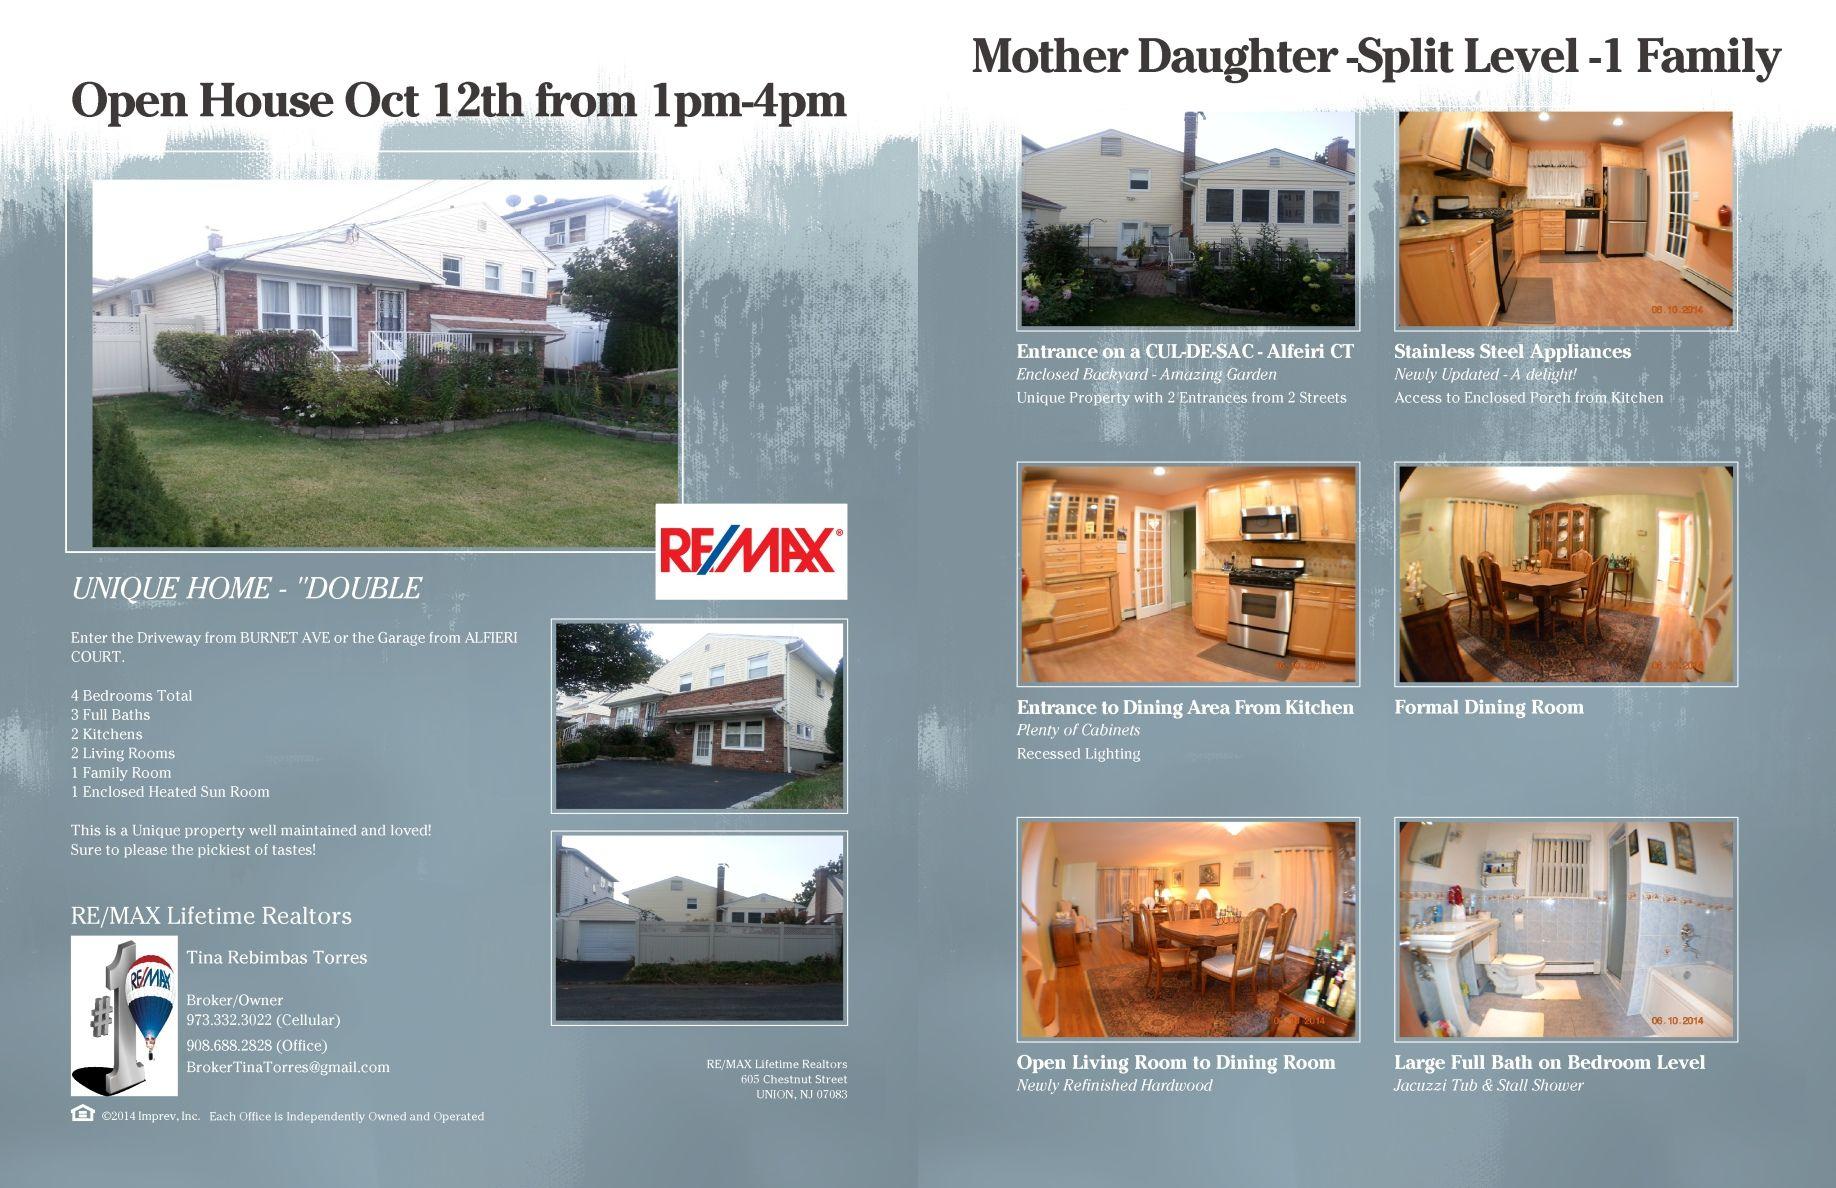 1083 Burnet Ave Union NJ 07083 - $349,900 - UNIQUE MOTHER DAUGHTER